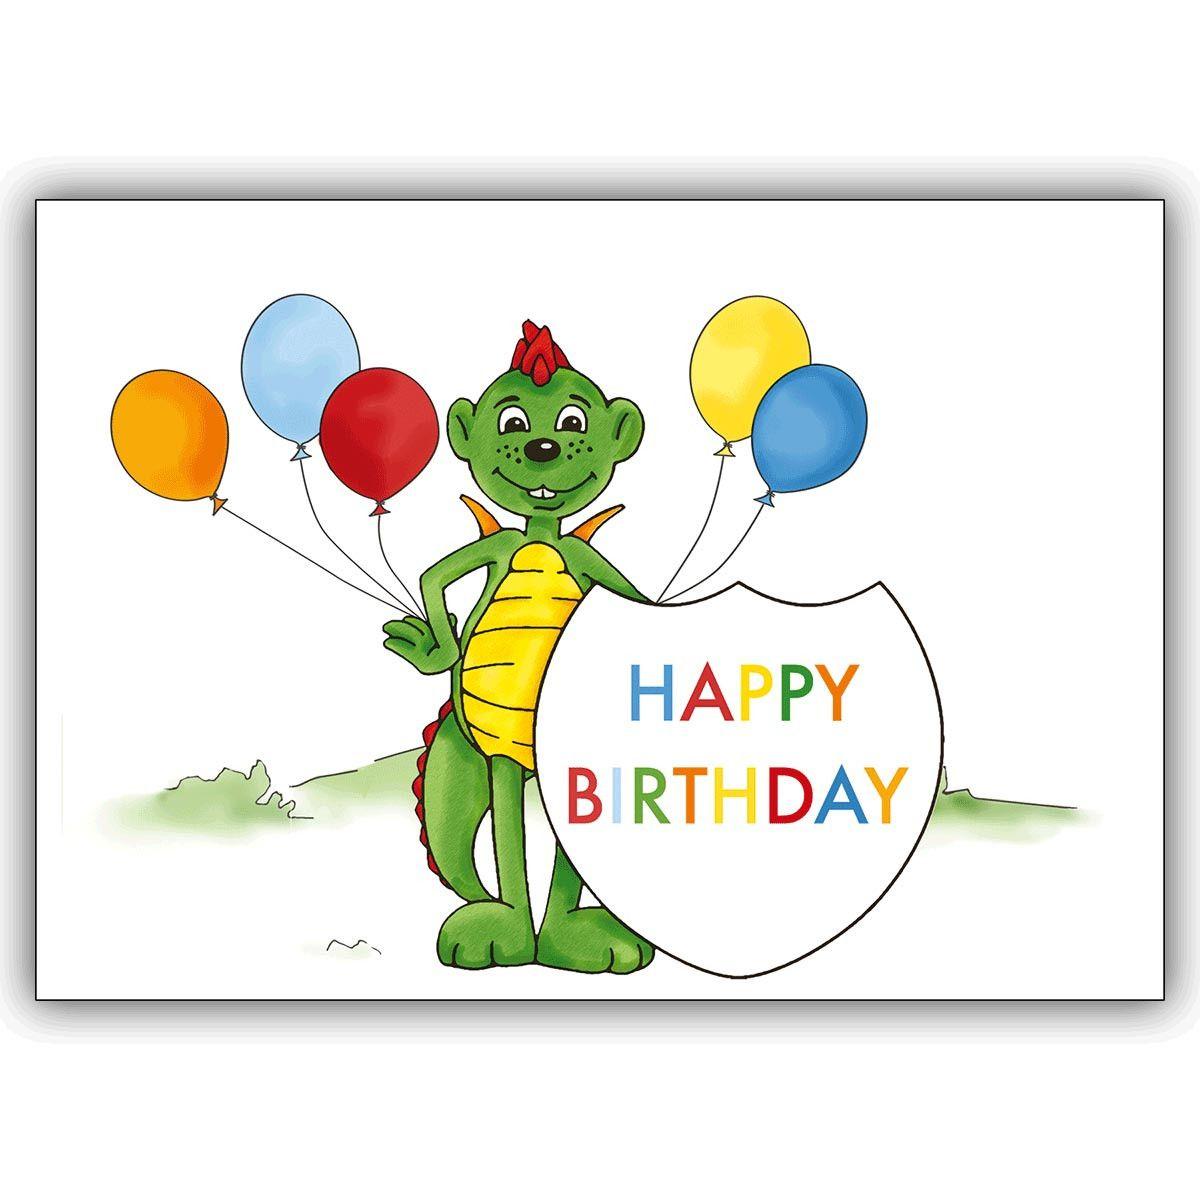 Lustige Geburtstagskarte Für Kinder Best Of Kinder bei Kindergeburtstagskarte